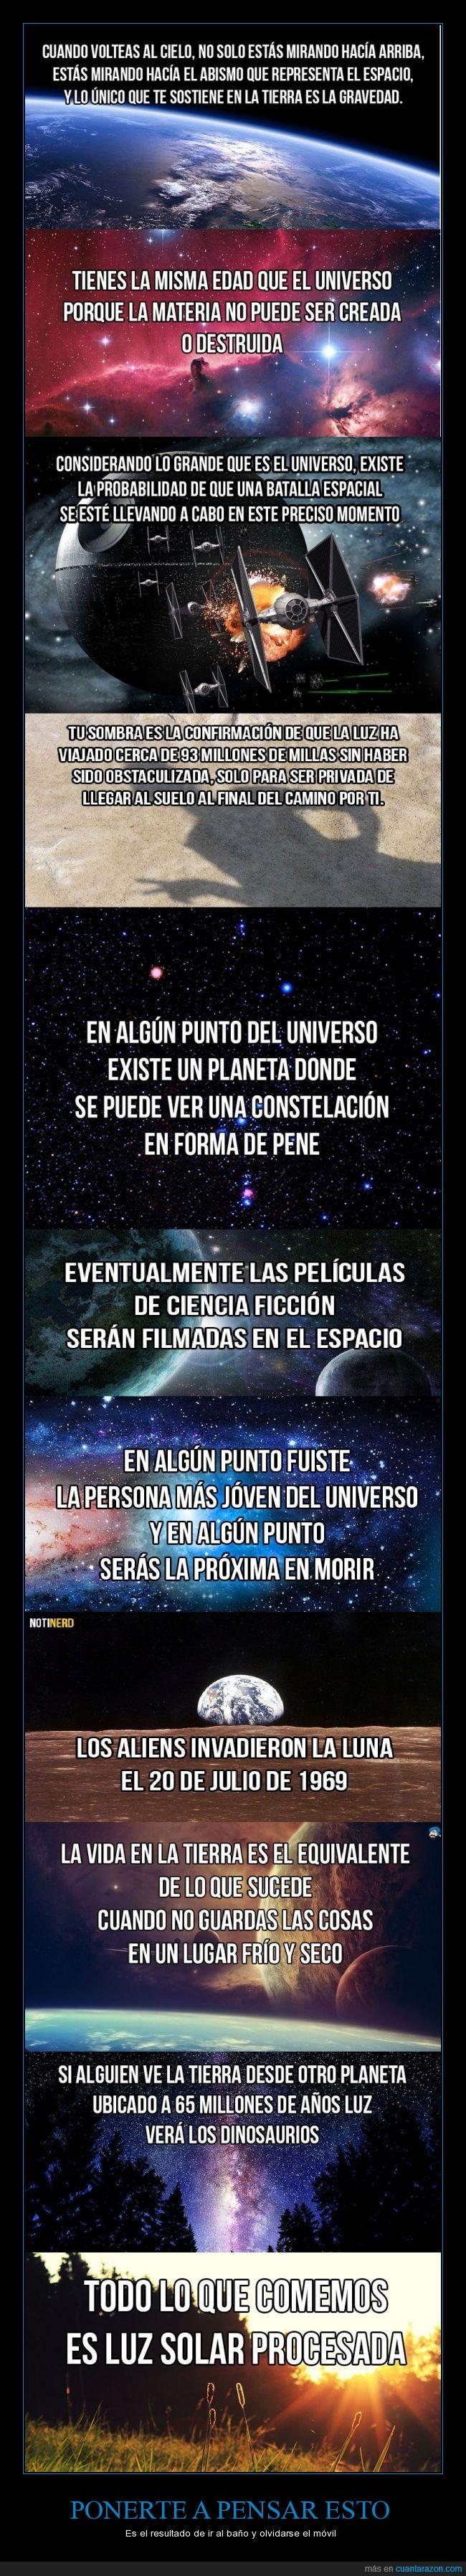 aliens,baño,curiosidades,dinosaurios,espacio,movil,pensar,planetas,tiempo,universo